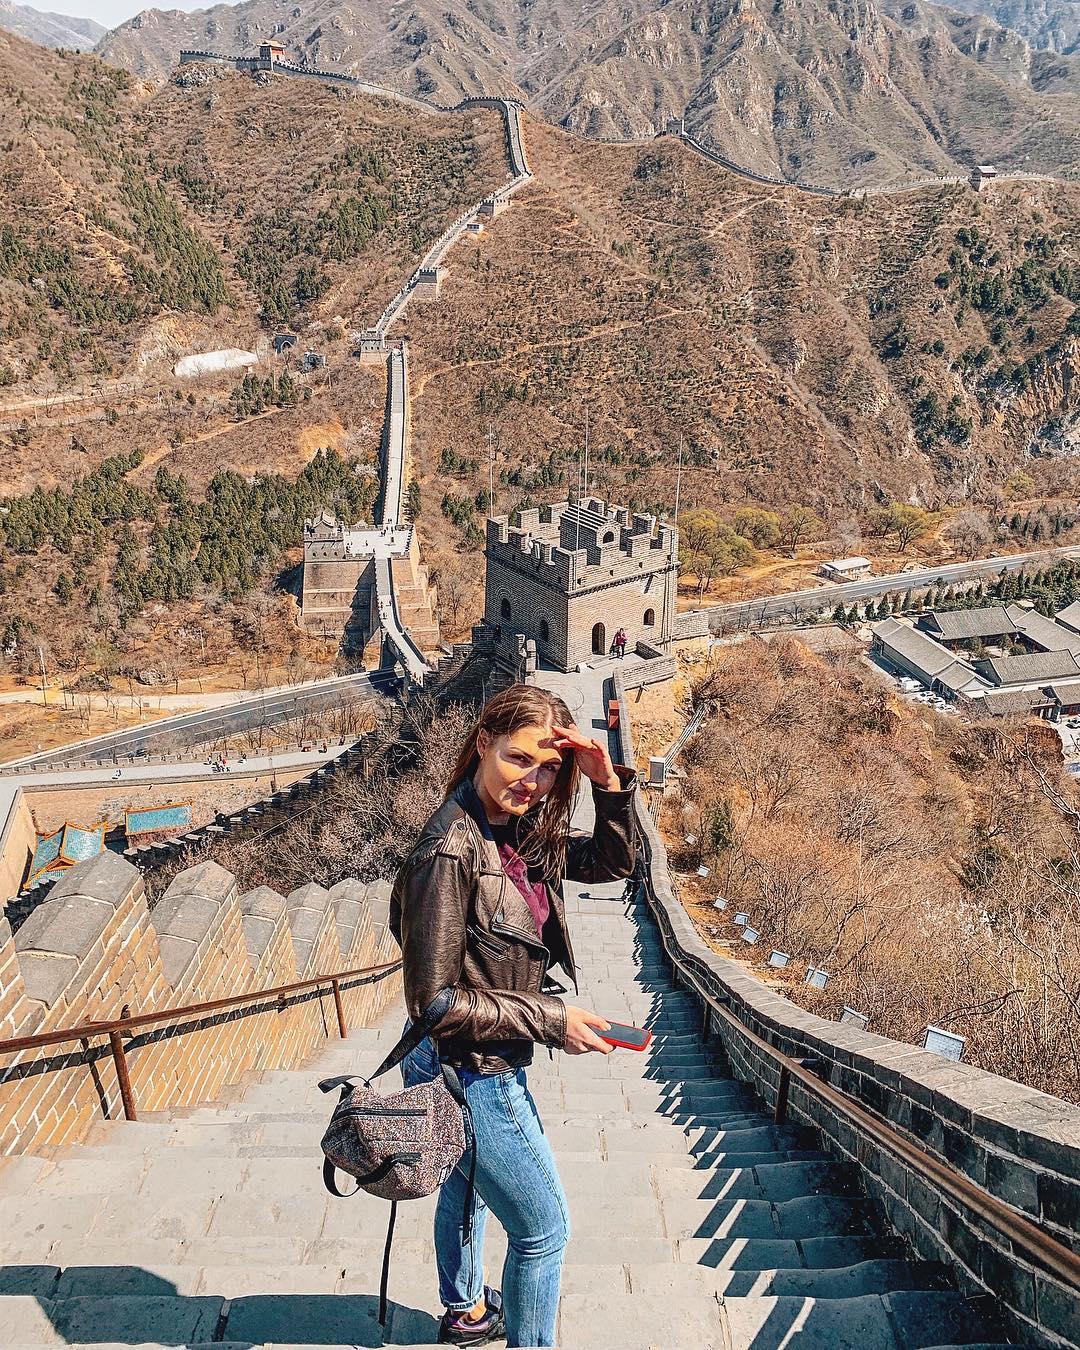 Vạn Lý Trường Thành rất hùng vĩ của Trung Quốc